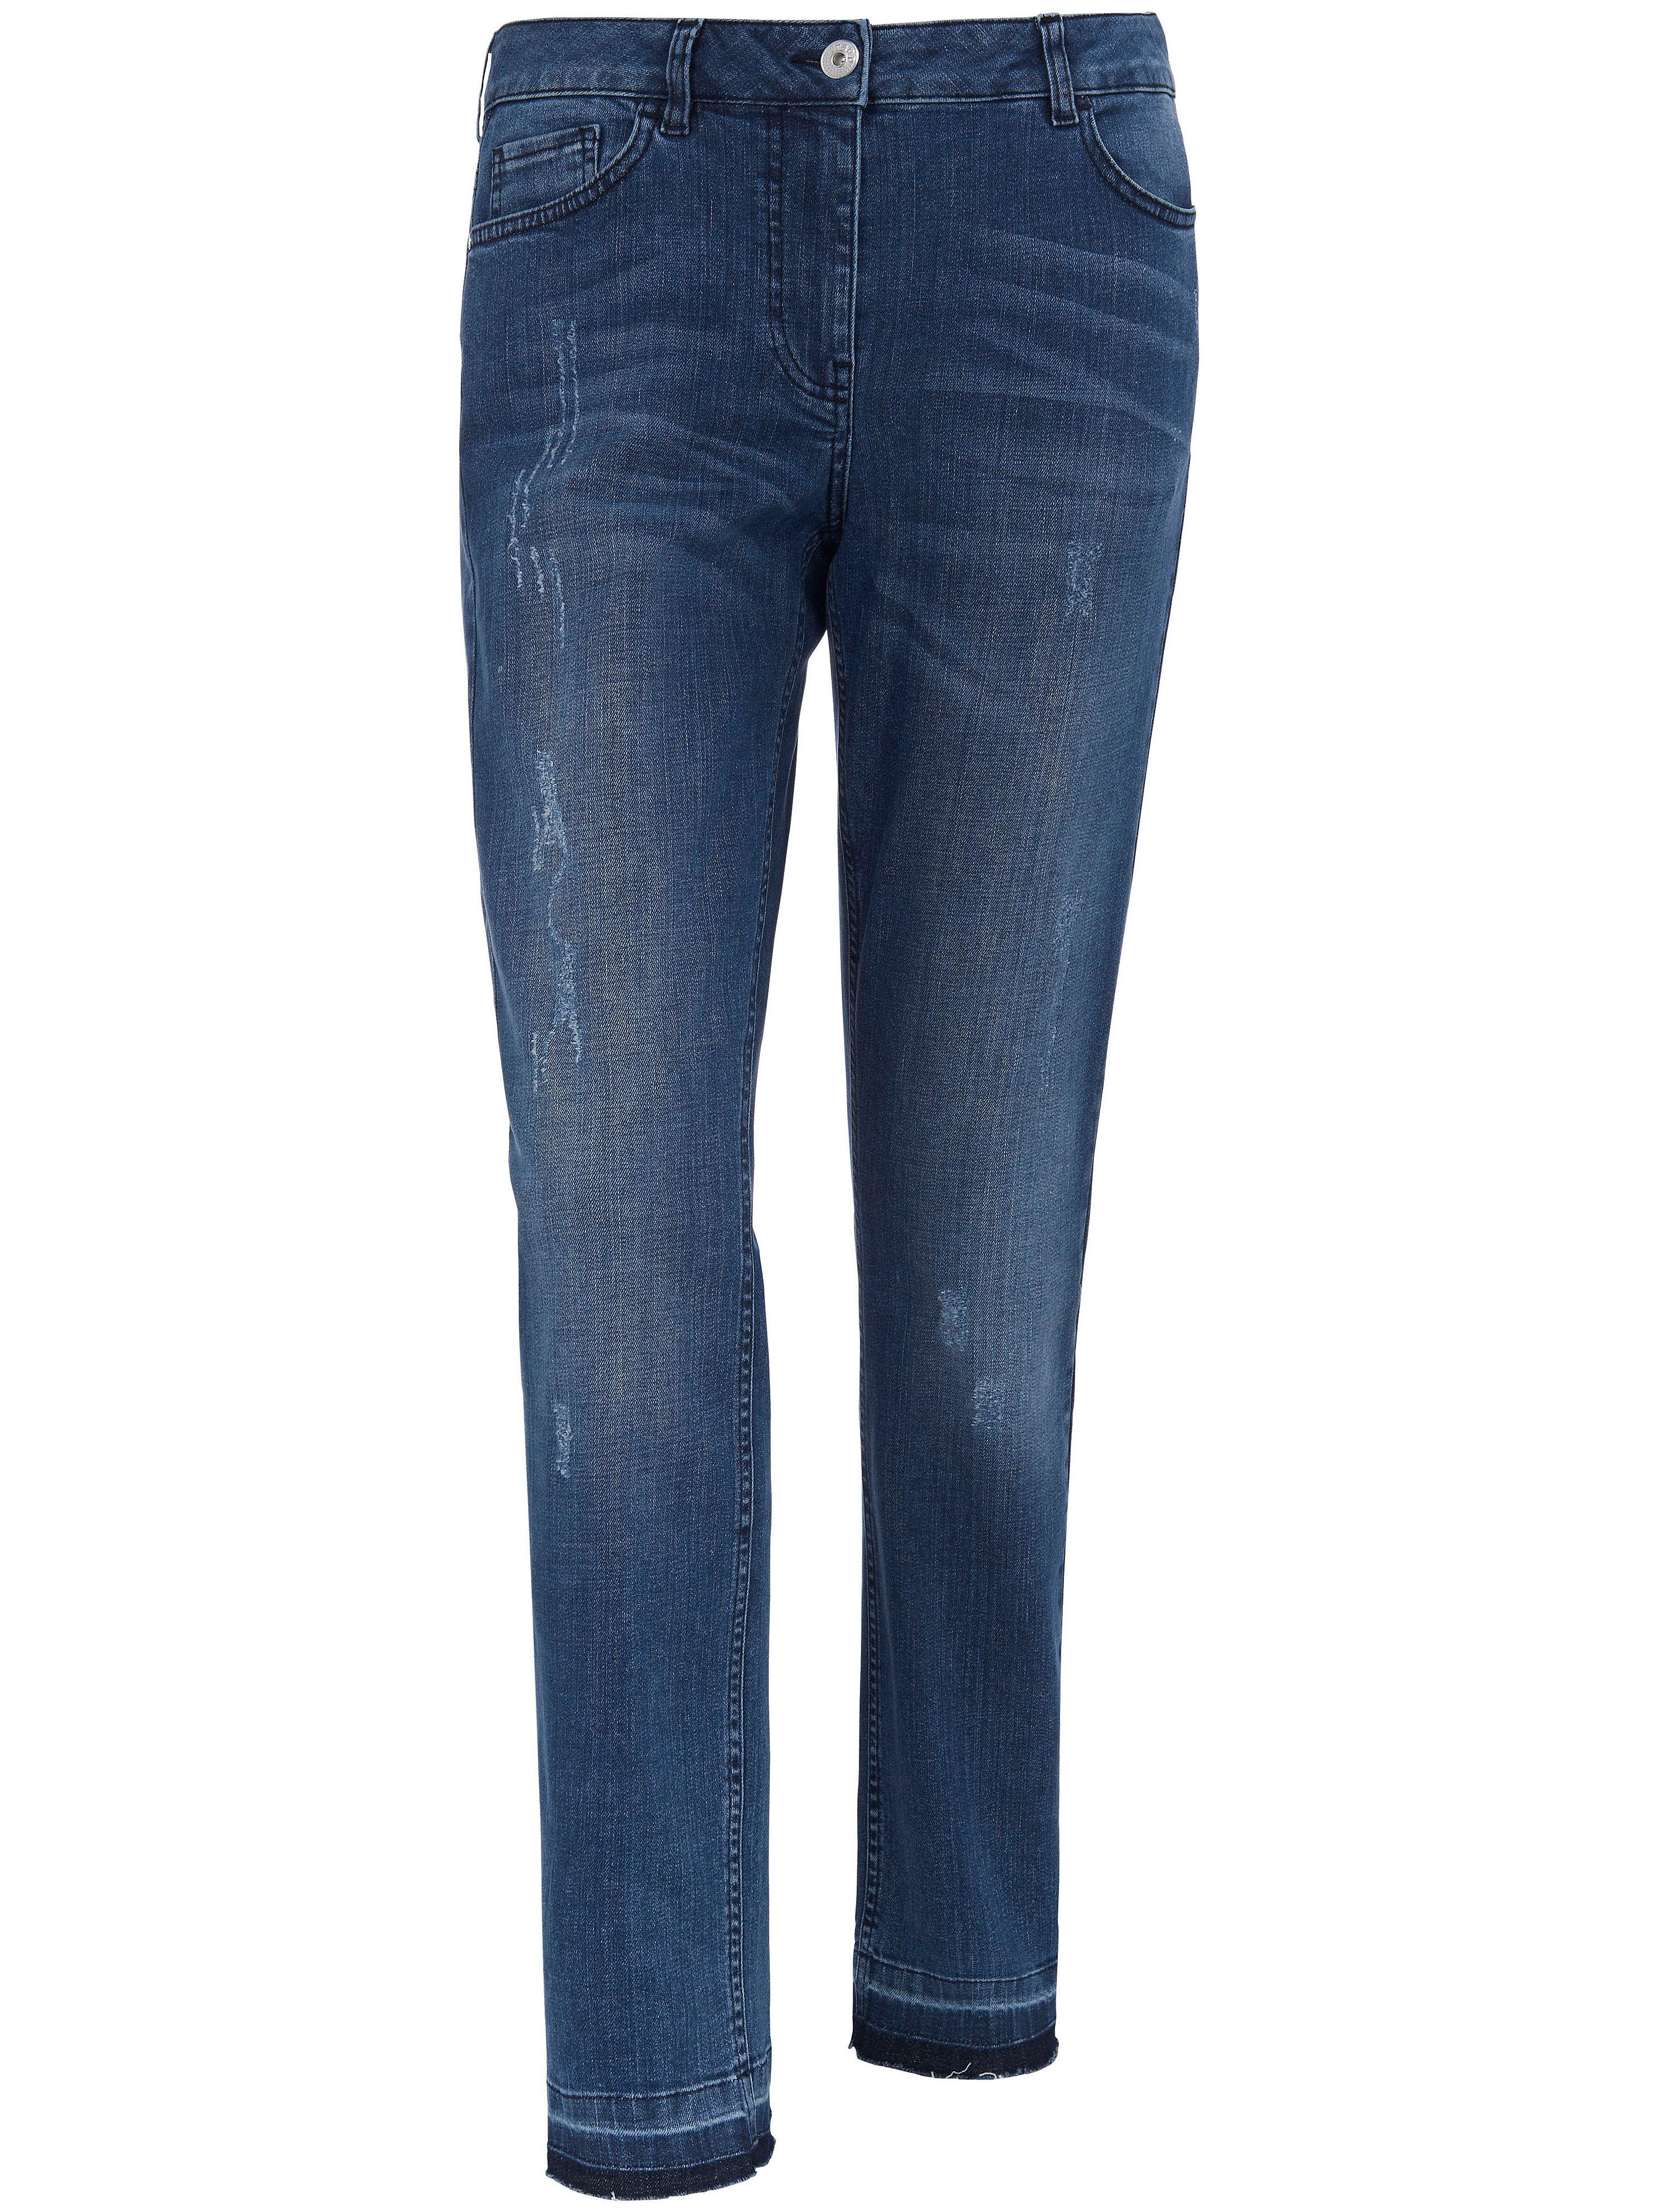 Image of   Ankellange jeans Fra FRAPP blå